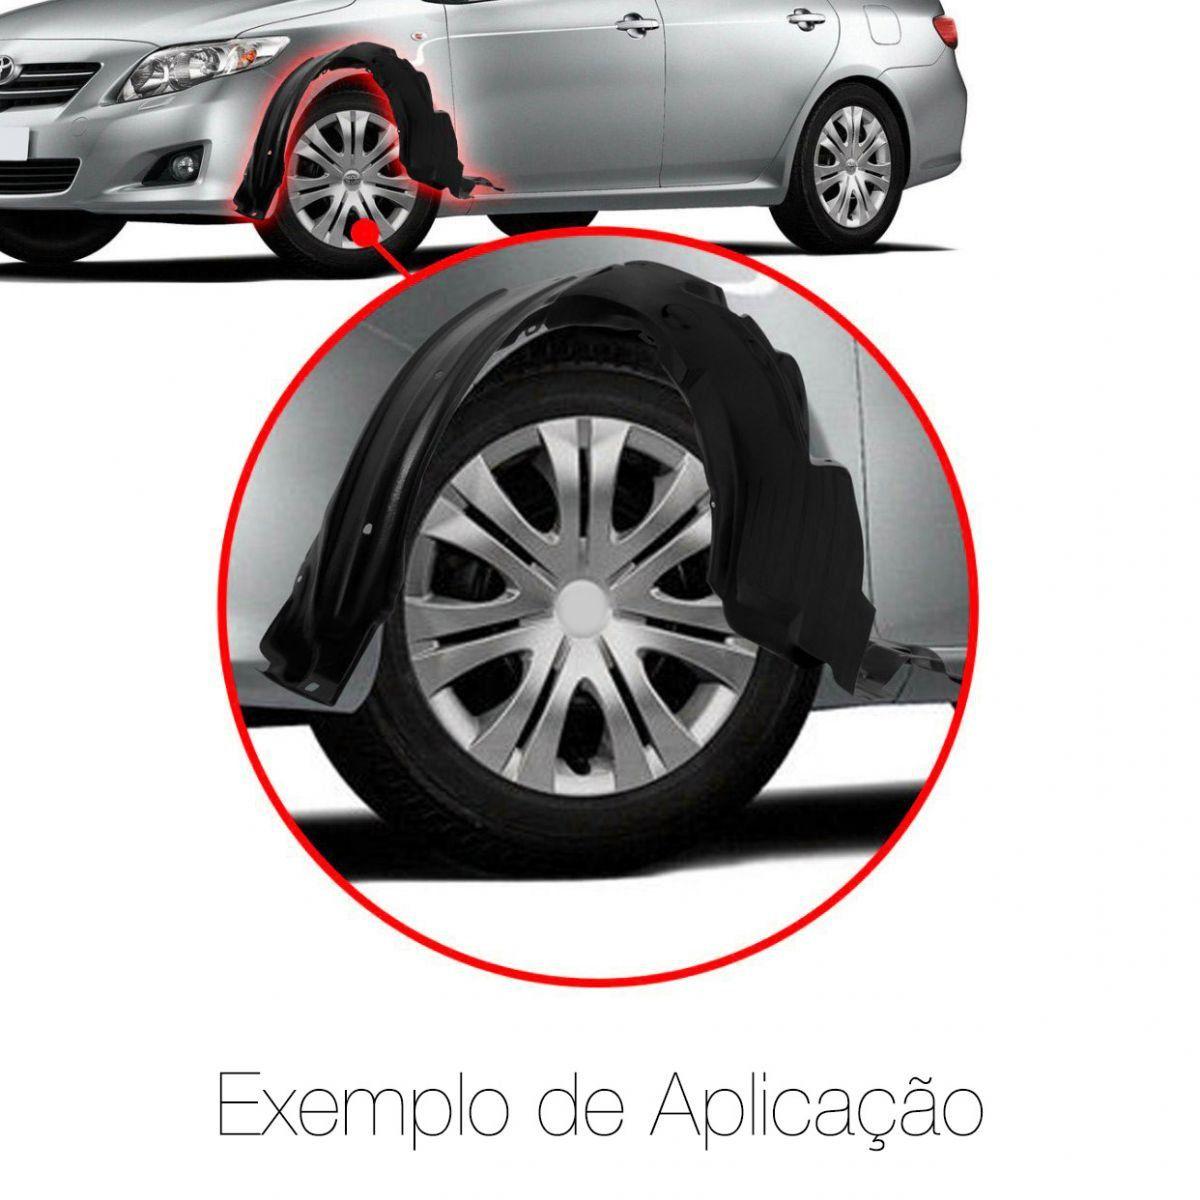 Parabarro Dianteiro New Civic 2007 2008 2009 2010 2011